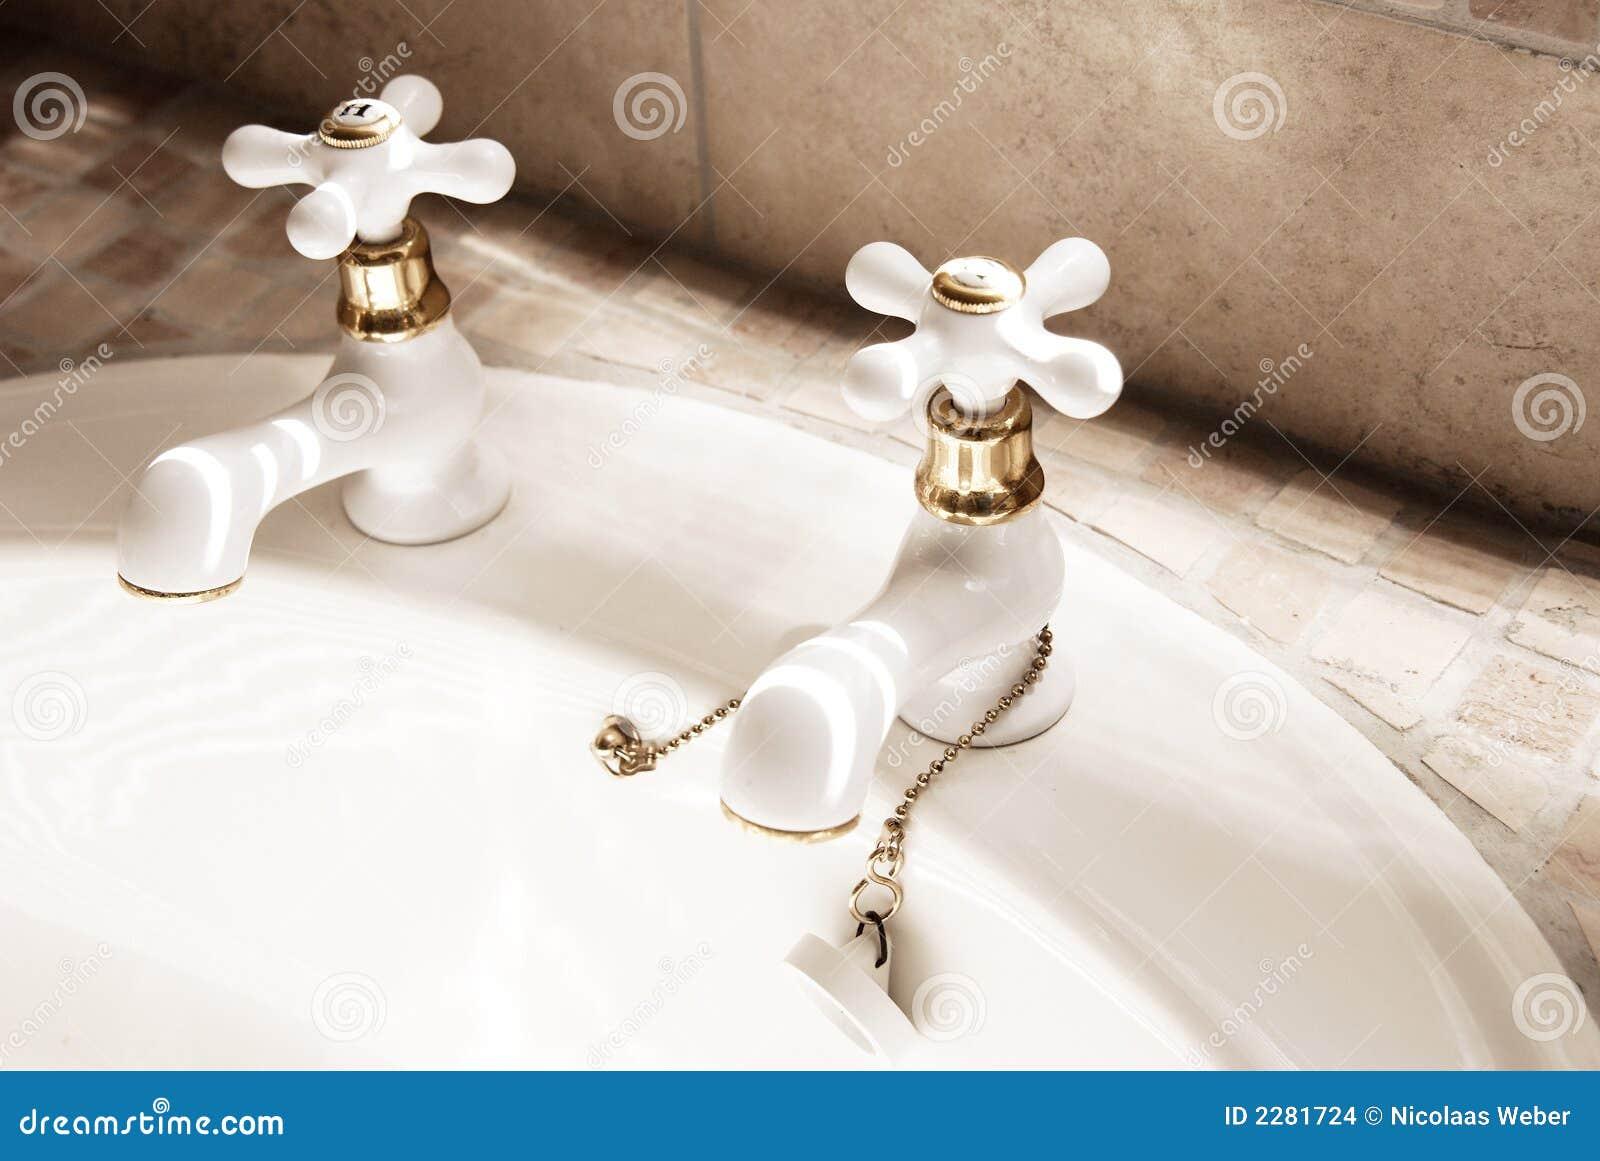 Torneiras Do Branco No Banheiro Moderno Imagens de Stock Imagem  #85A823 1300 960